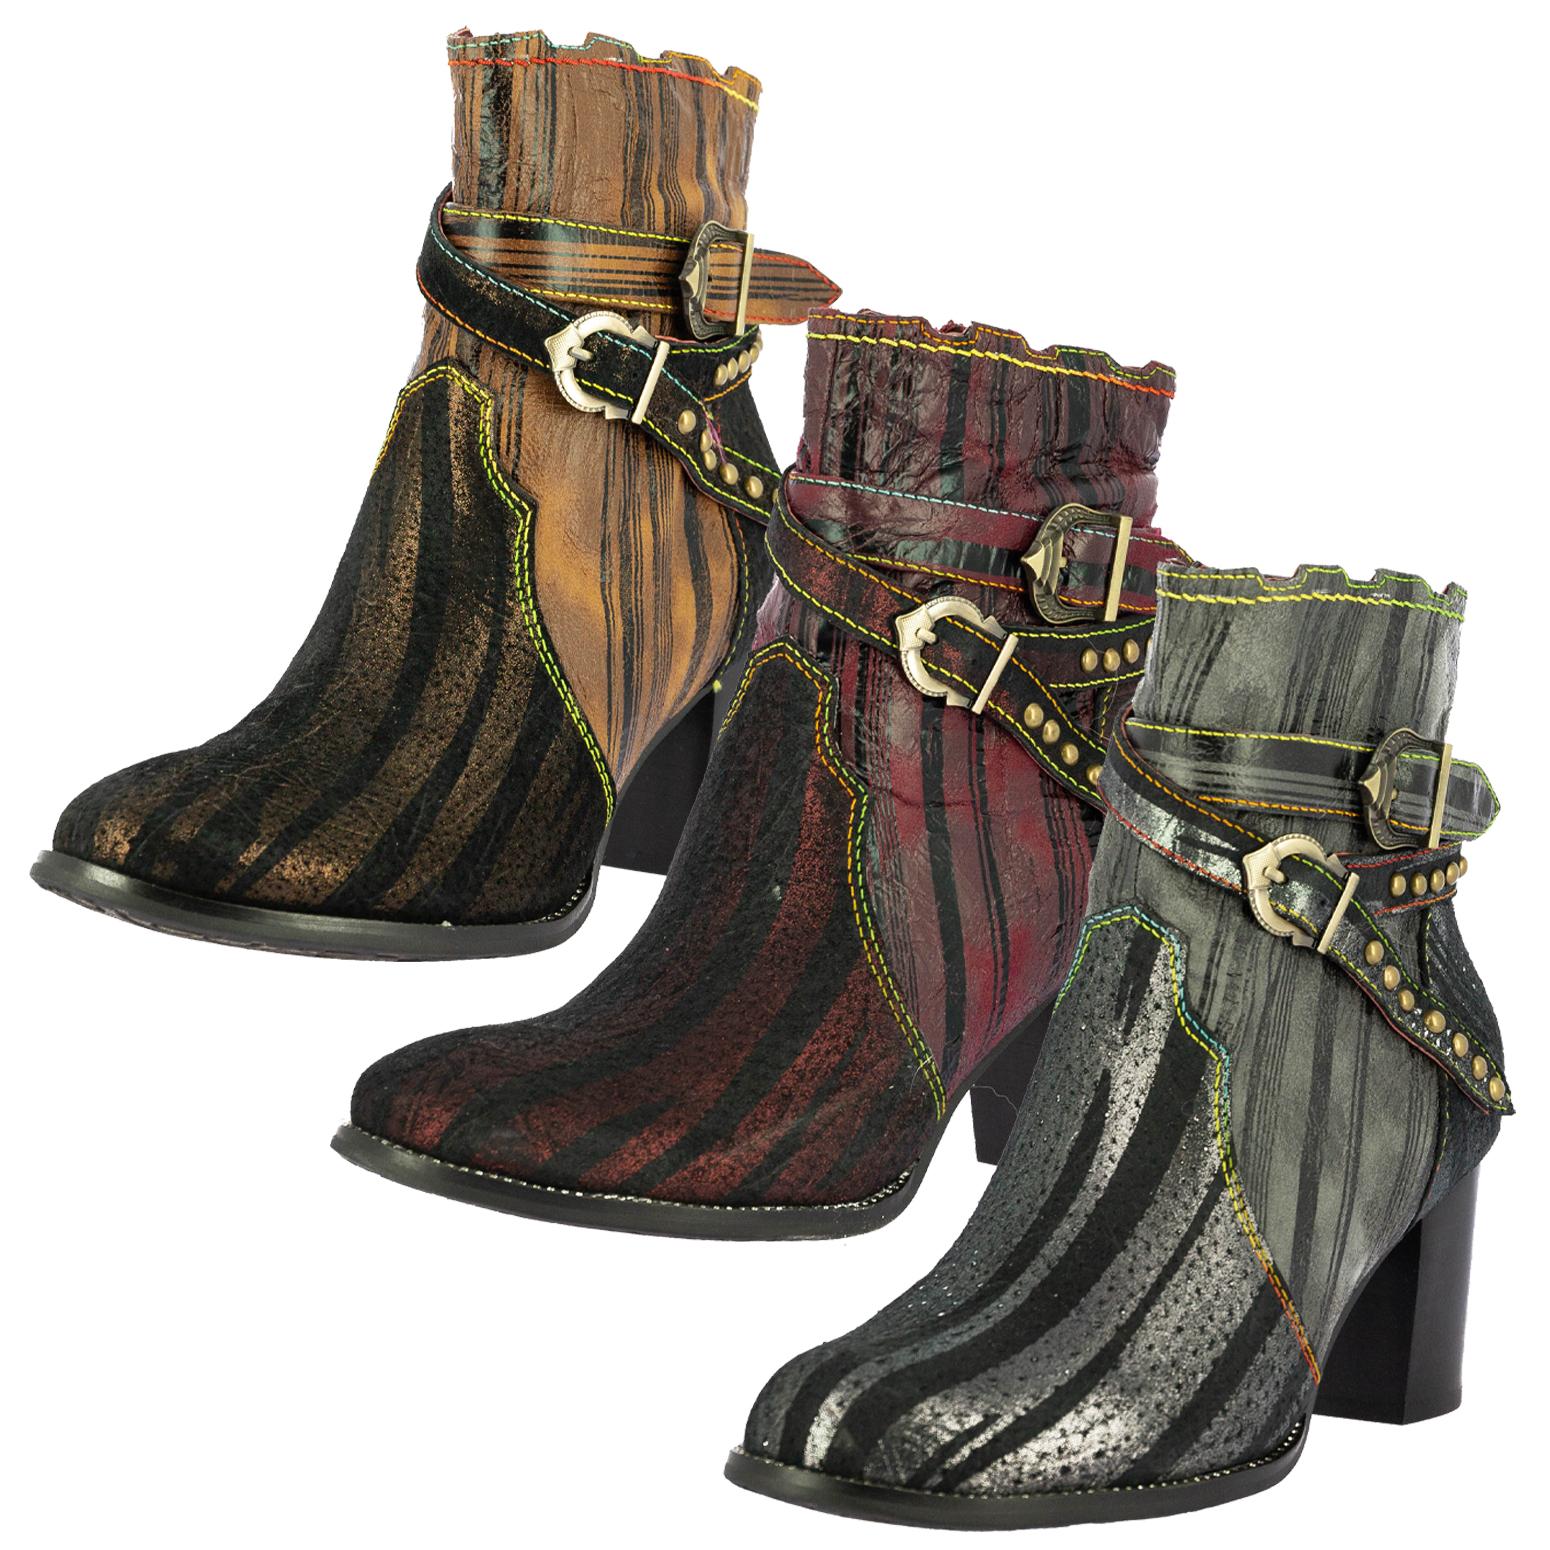 977 37 39 blua Grau Rieker Booty Boots Stiefelette Gr NEU